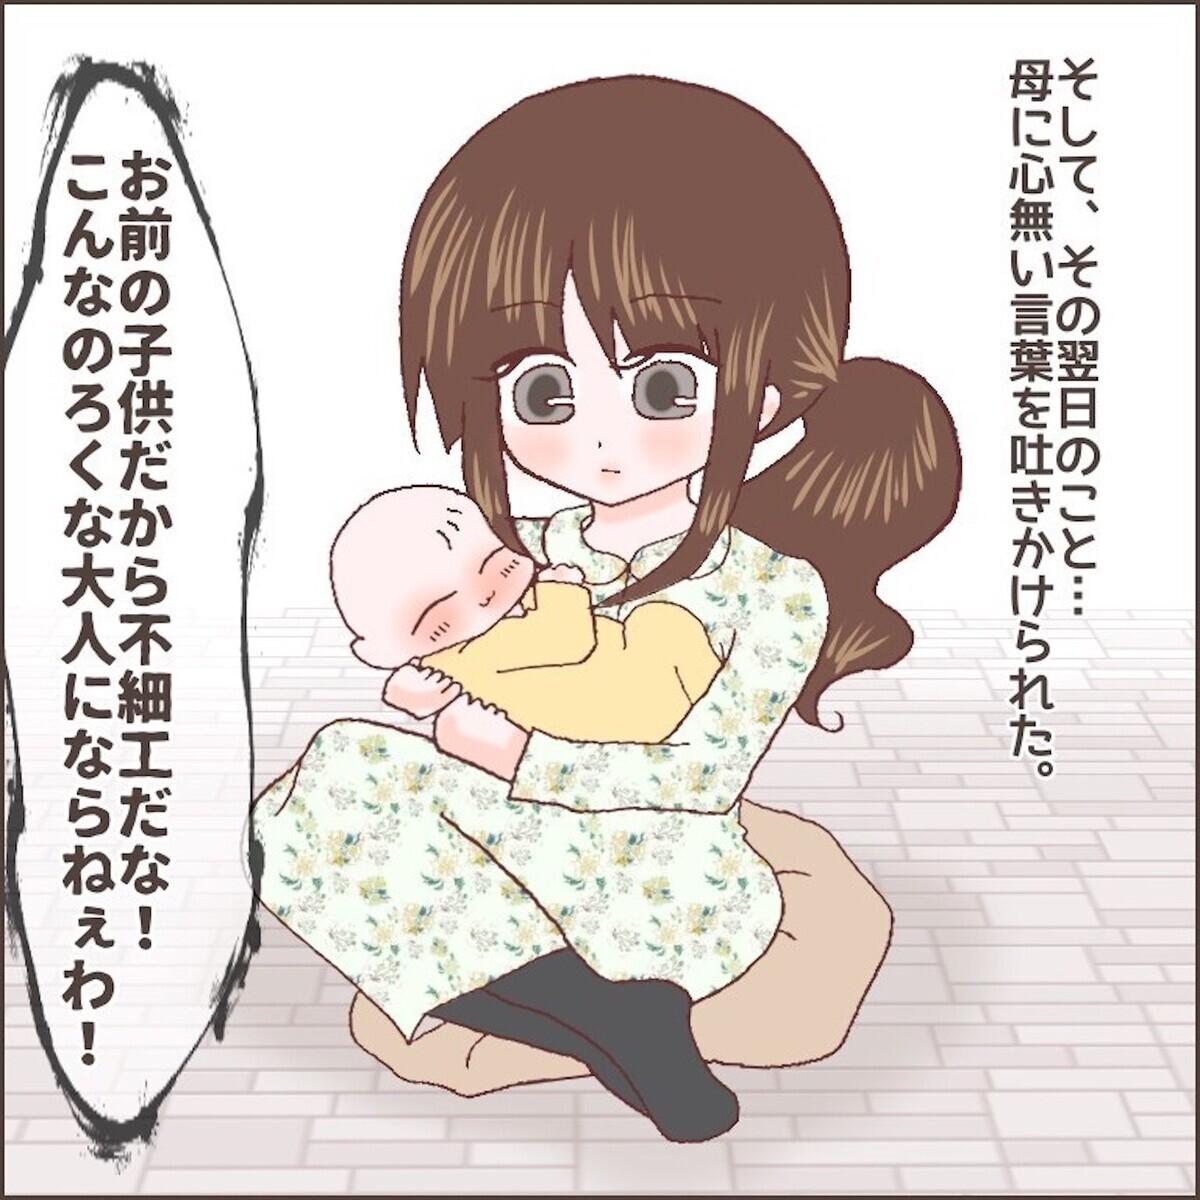 「お前の子供だから不細工だな」 実母の暴言に産後の実家生活を断念!【育児ノイローゼになった話 Vol.2】